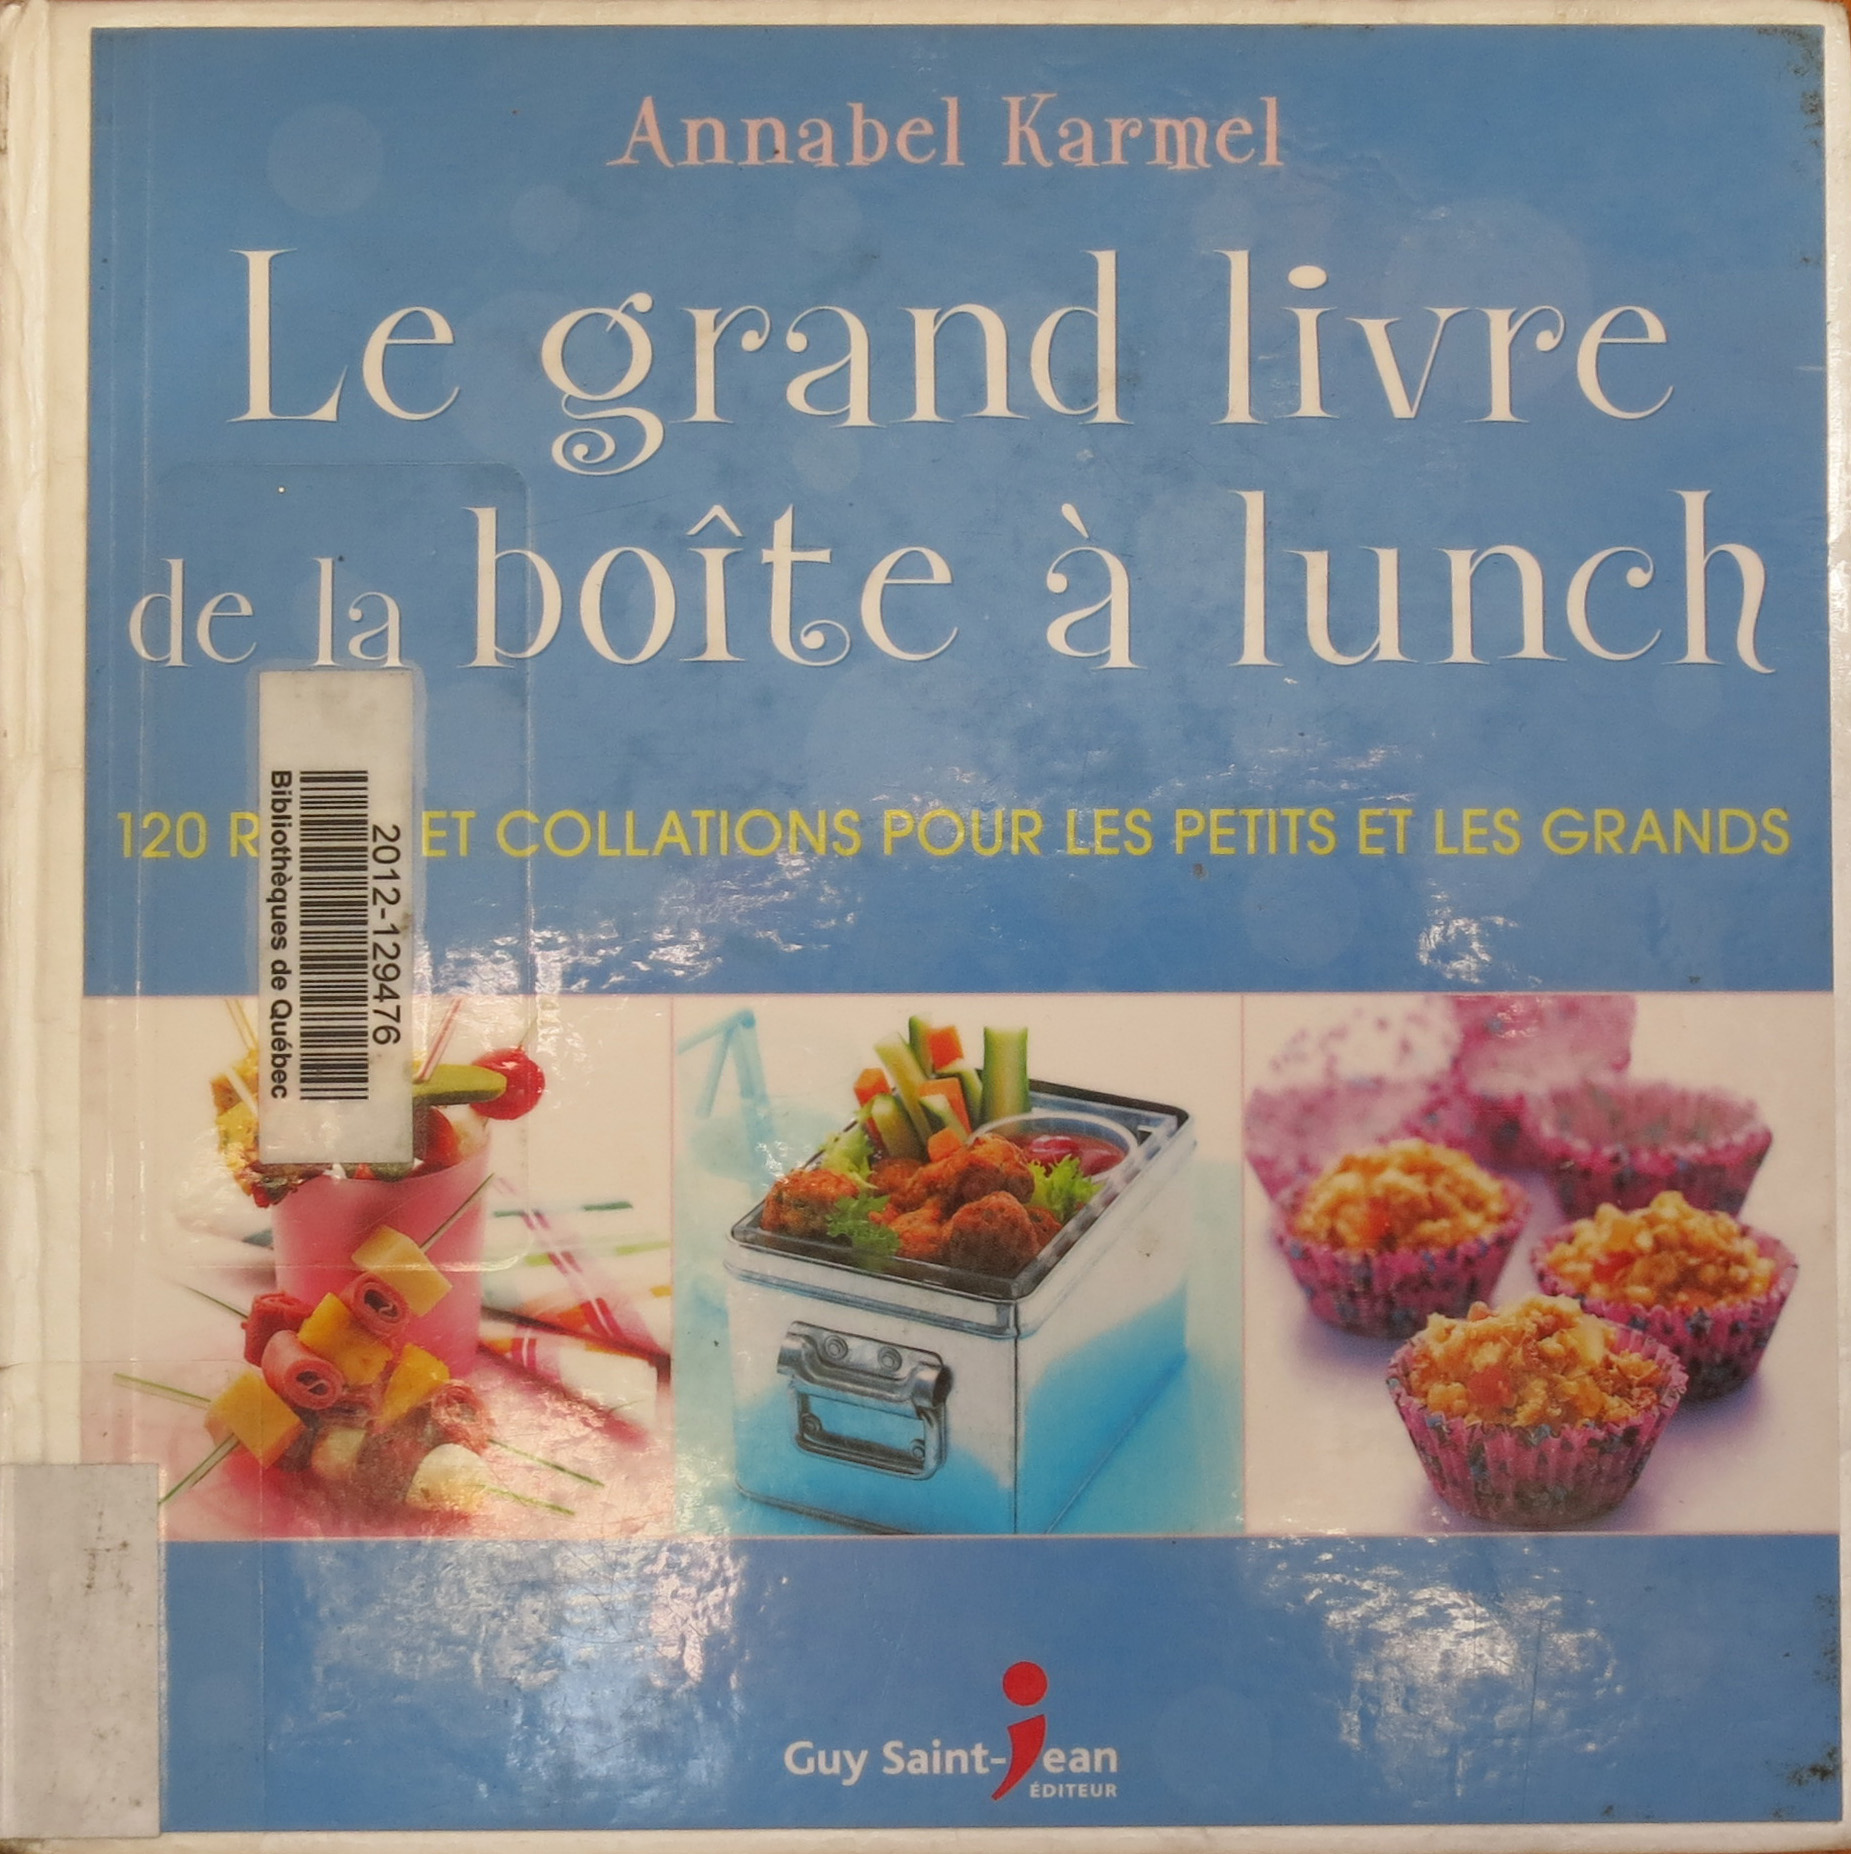 Le grand livre de la boîte à lunch, d'Annabel Karmel